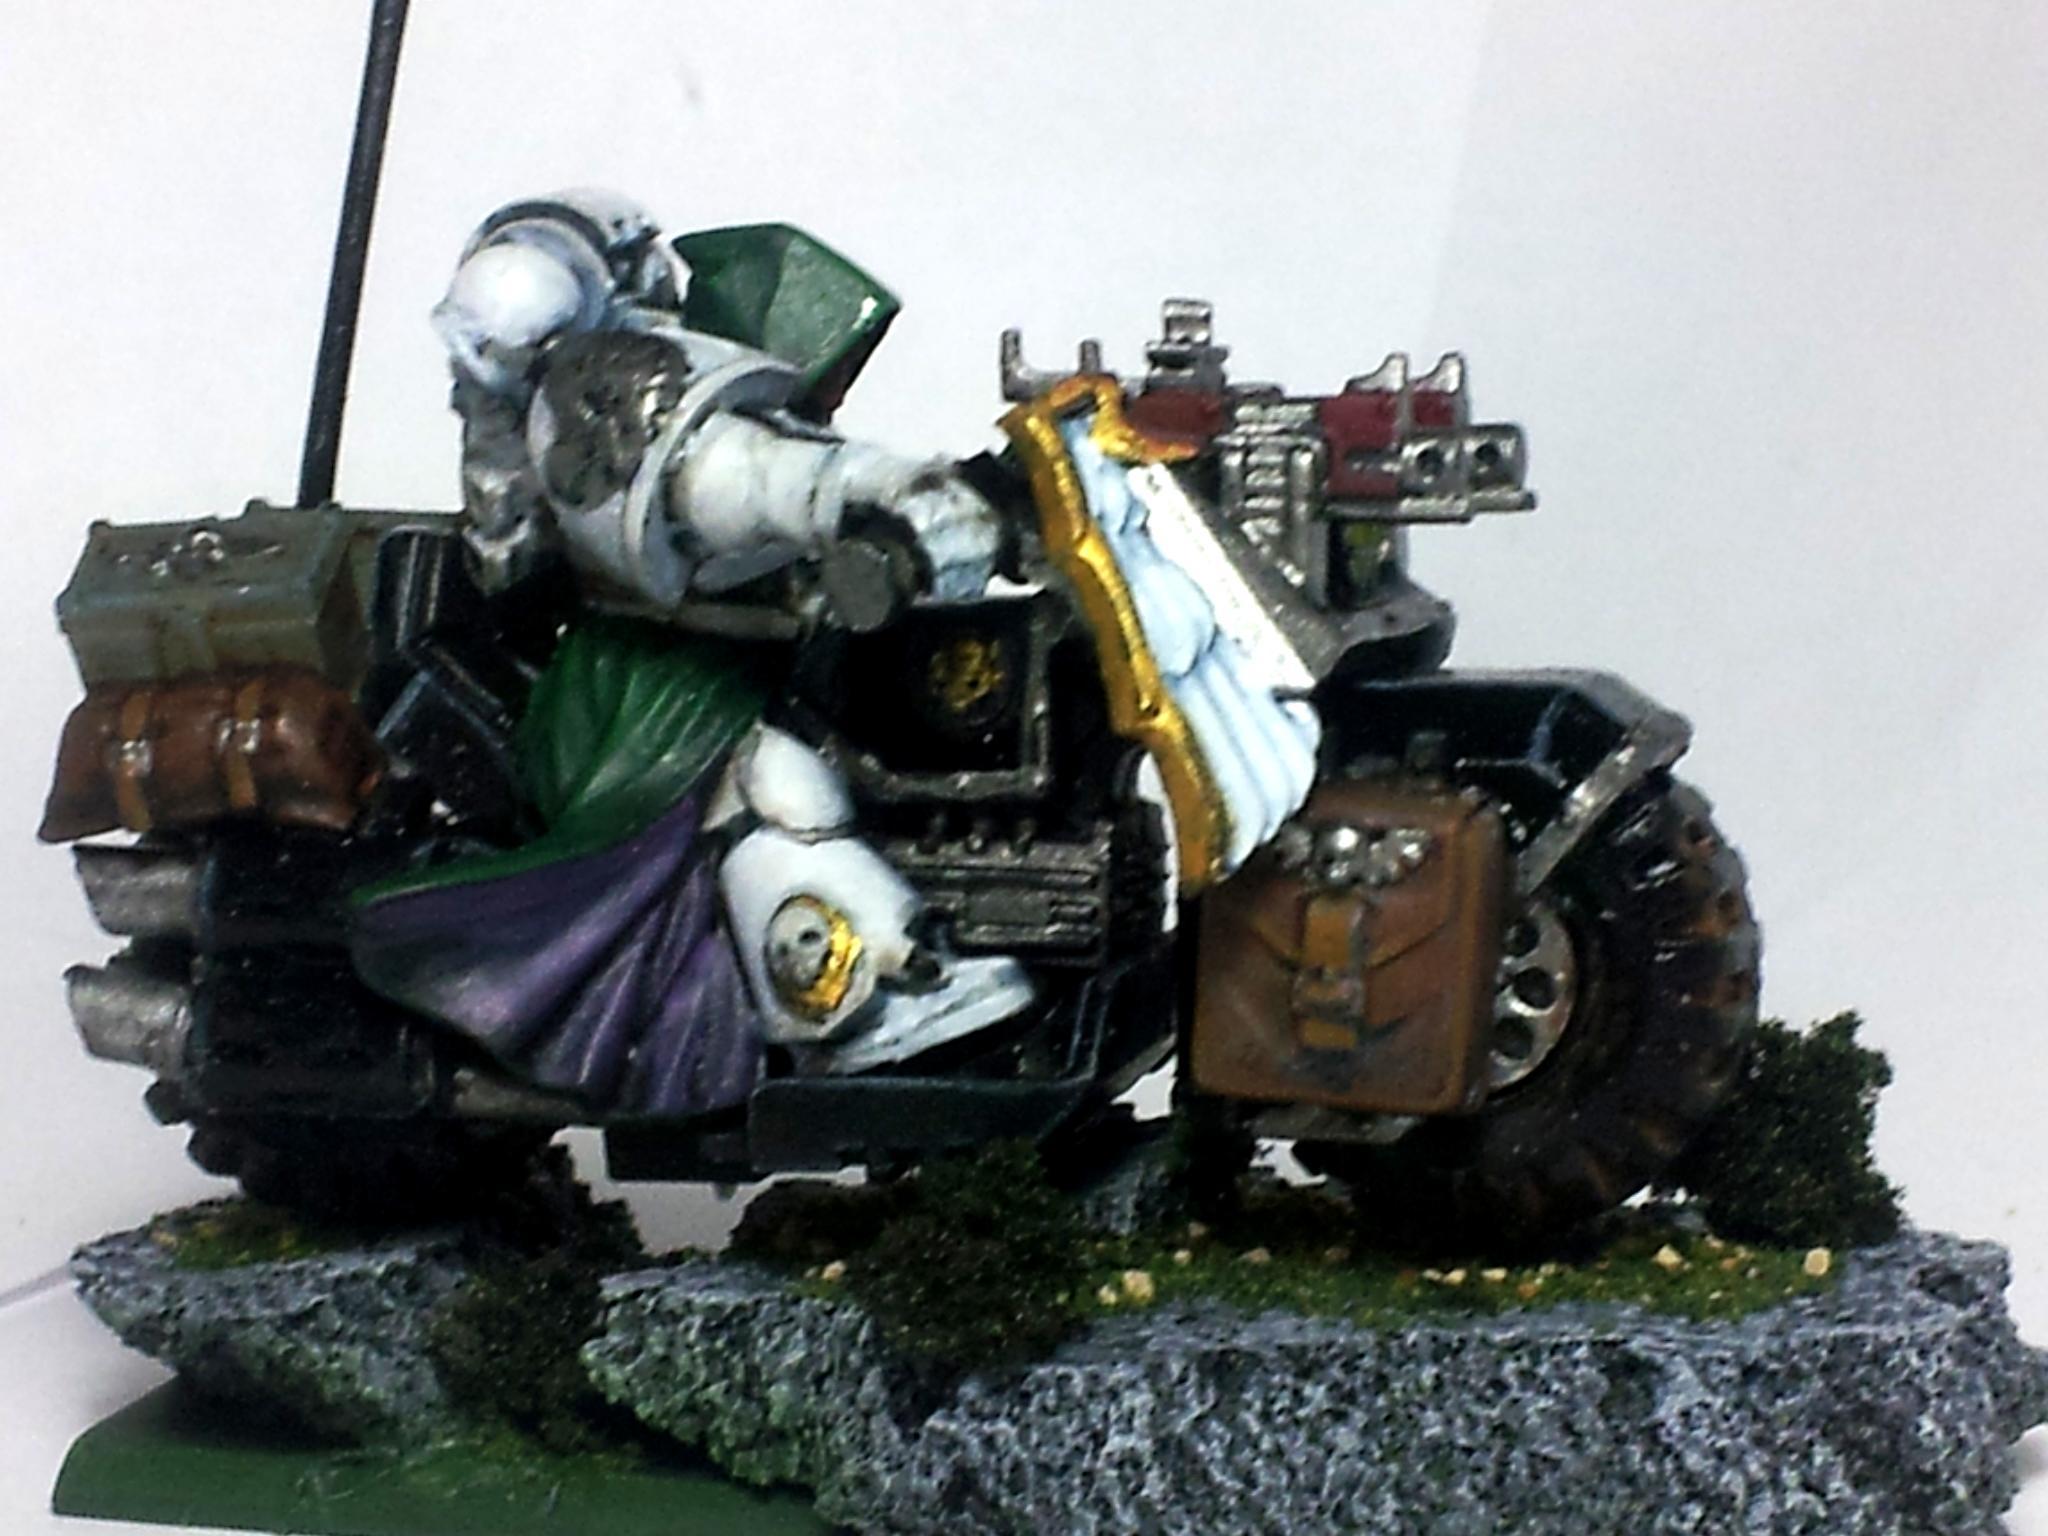 Bike, Character, Cork, Cork Base, Dark Angels, Space Marines, Warhammer 40,000